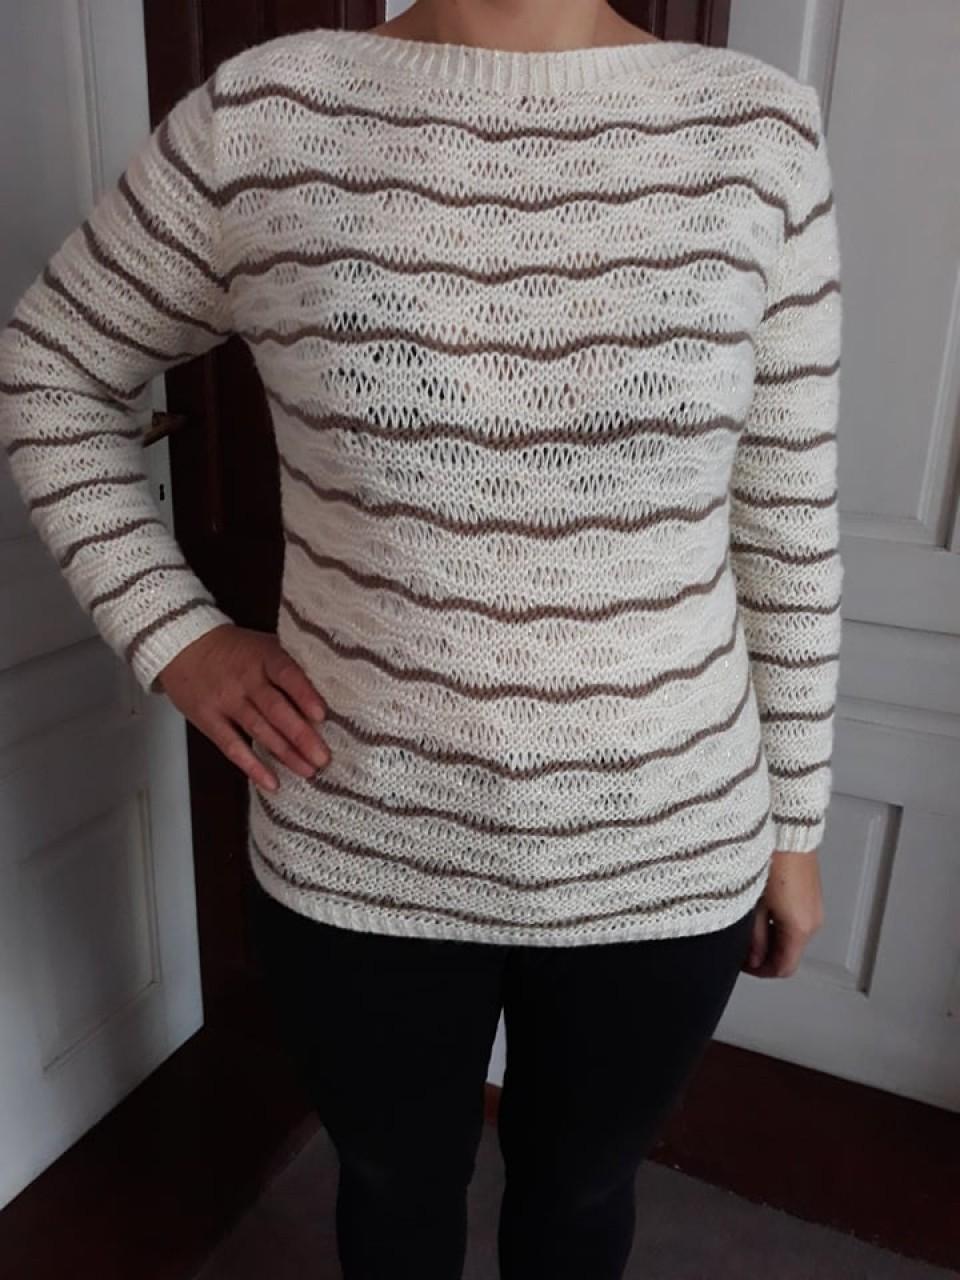 b62a6a95caf Дамски зимен бежов топъл плетен пуловер с панделка отзад. гр. София